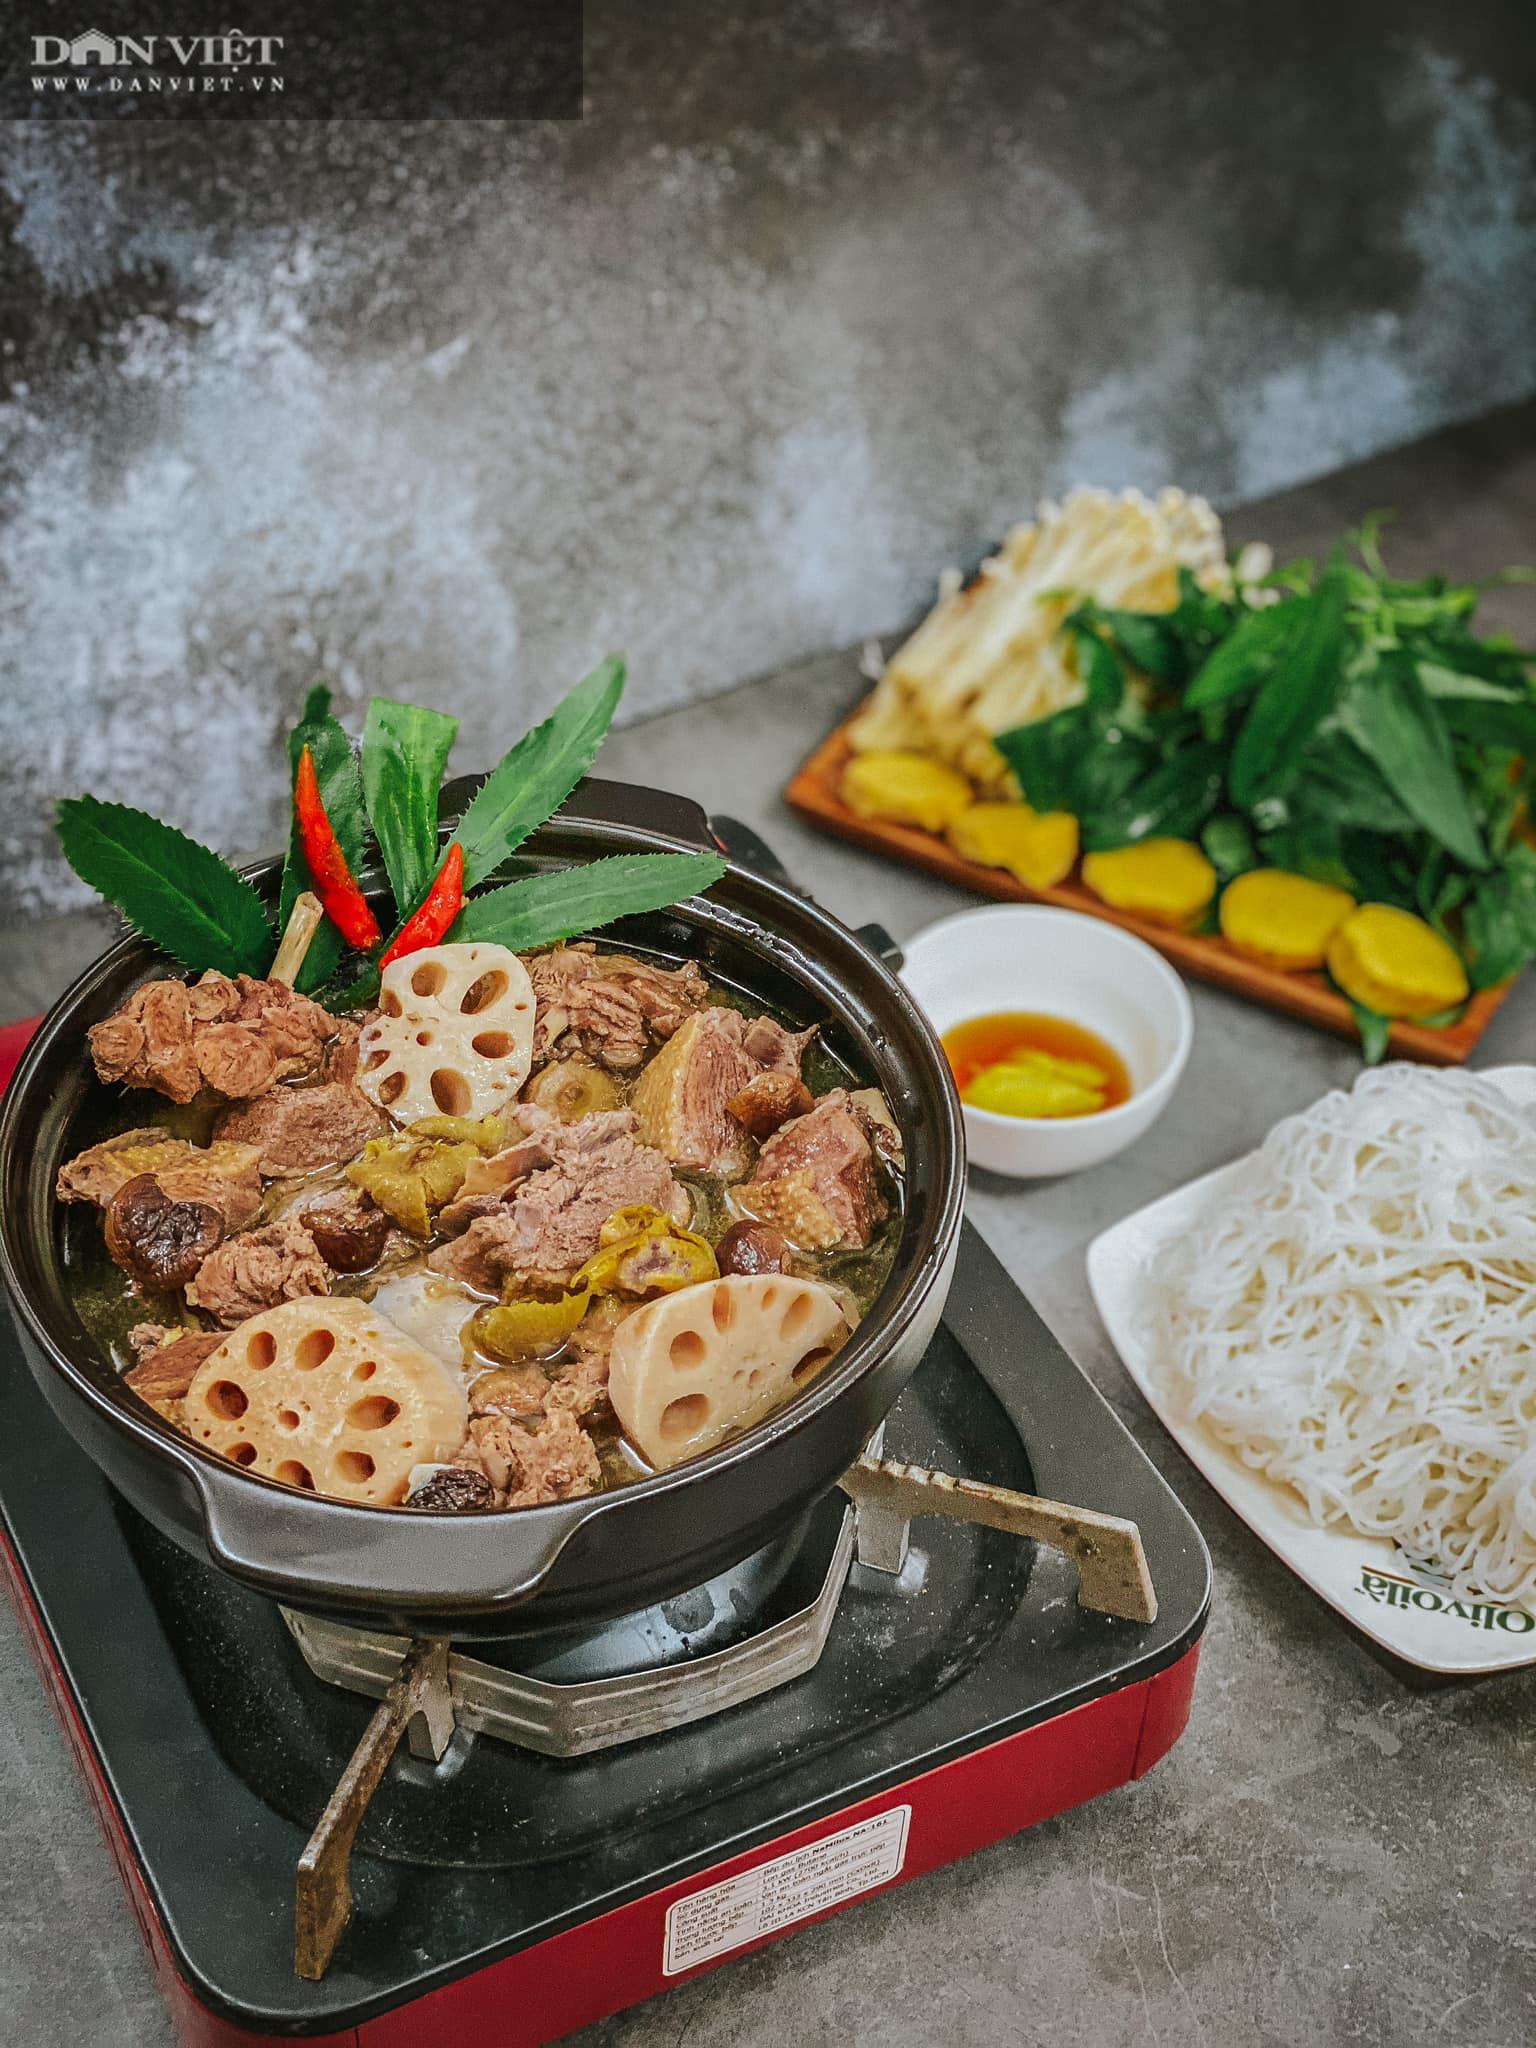 Đổi món với vịt om sấu nấu cùng củ sen và nước dừa - Ảnh 3.